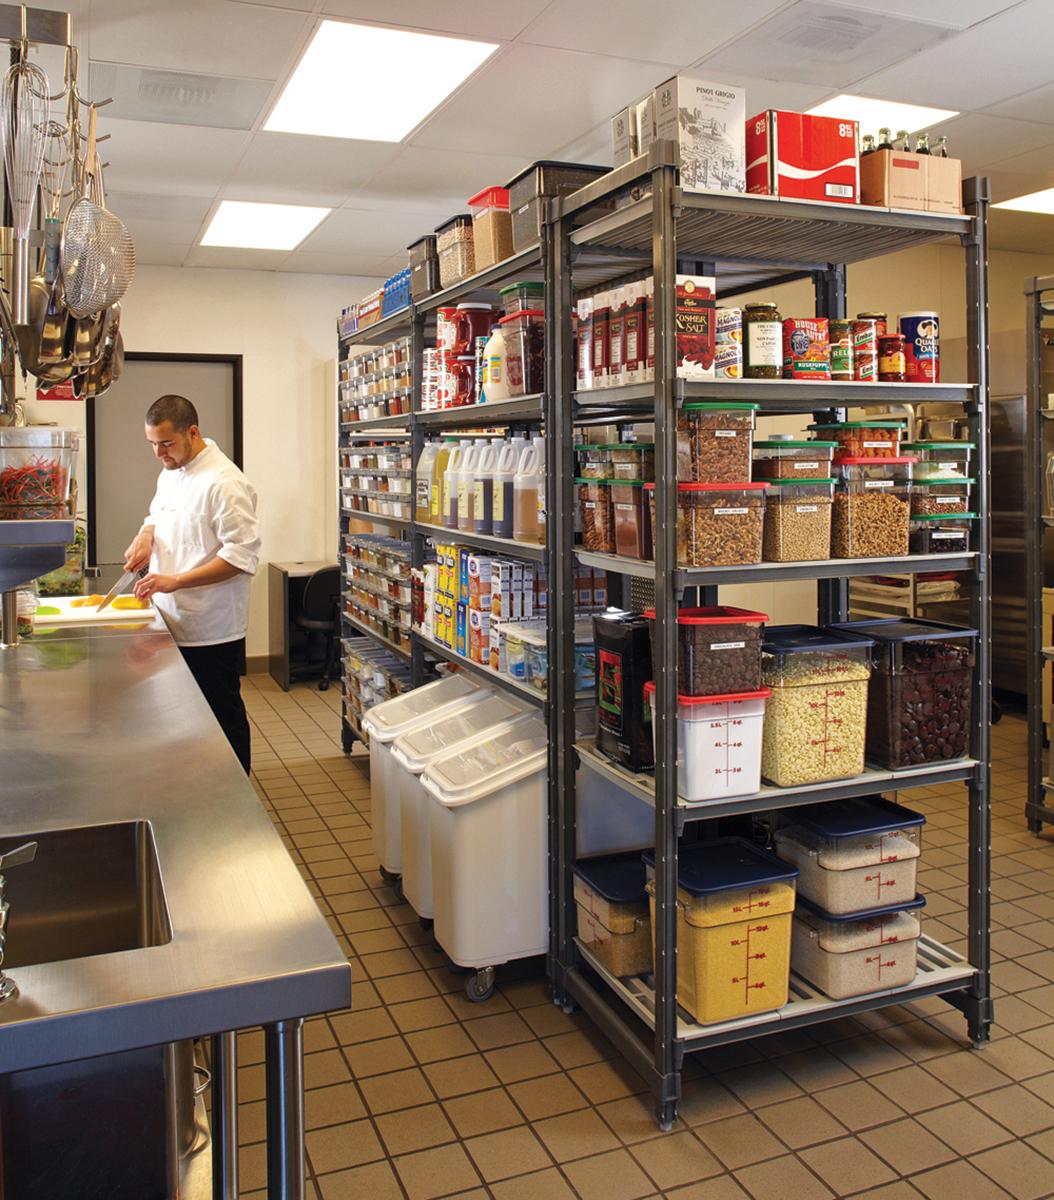 Kitchen Store Design: Foodservice Equipment